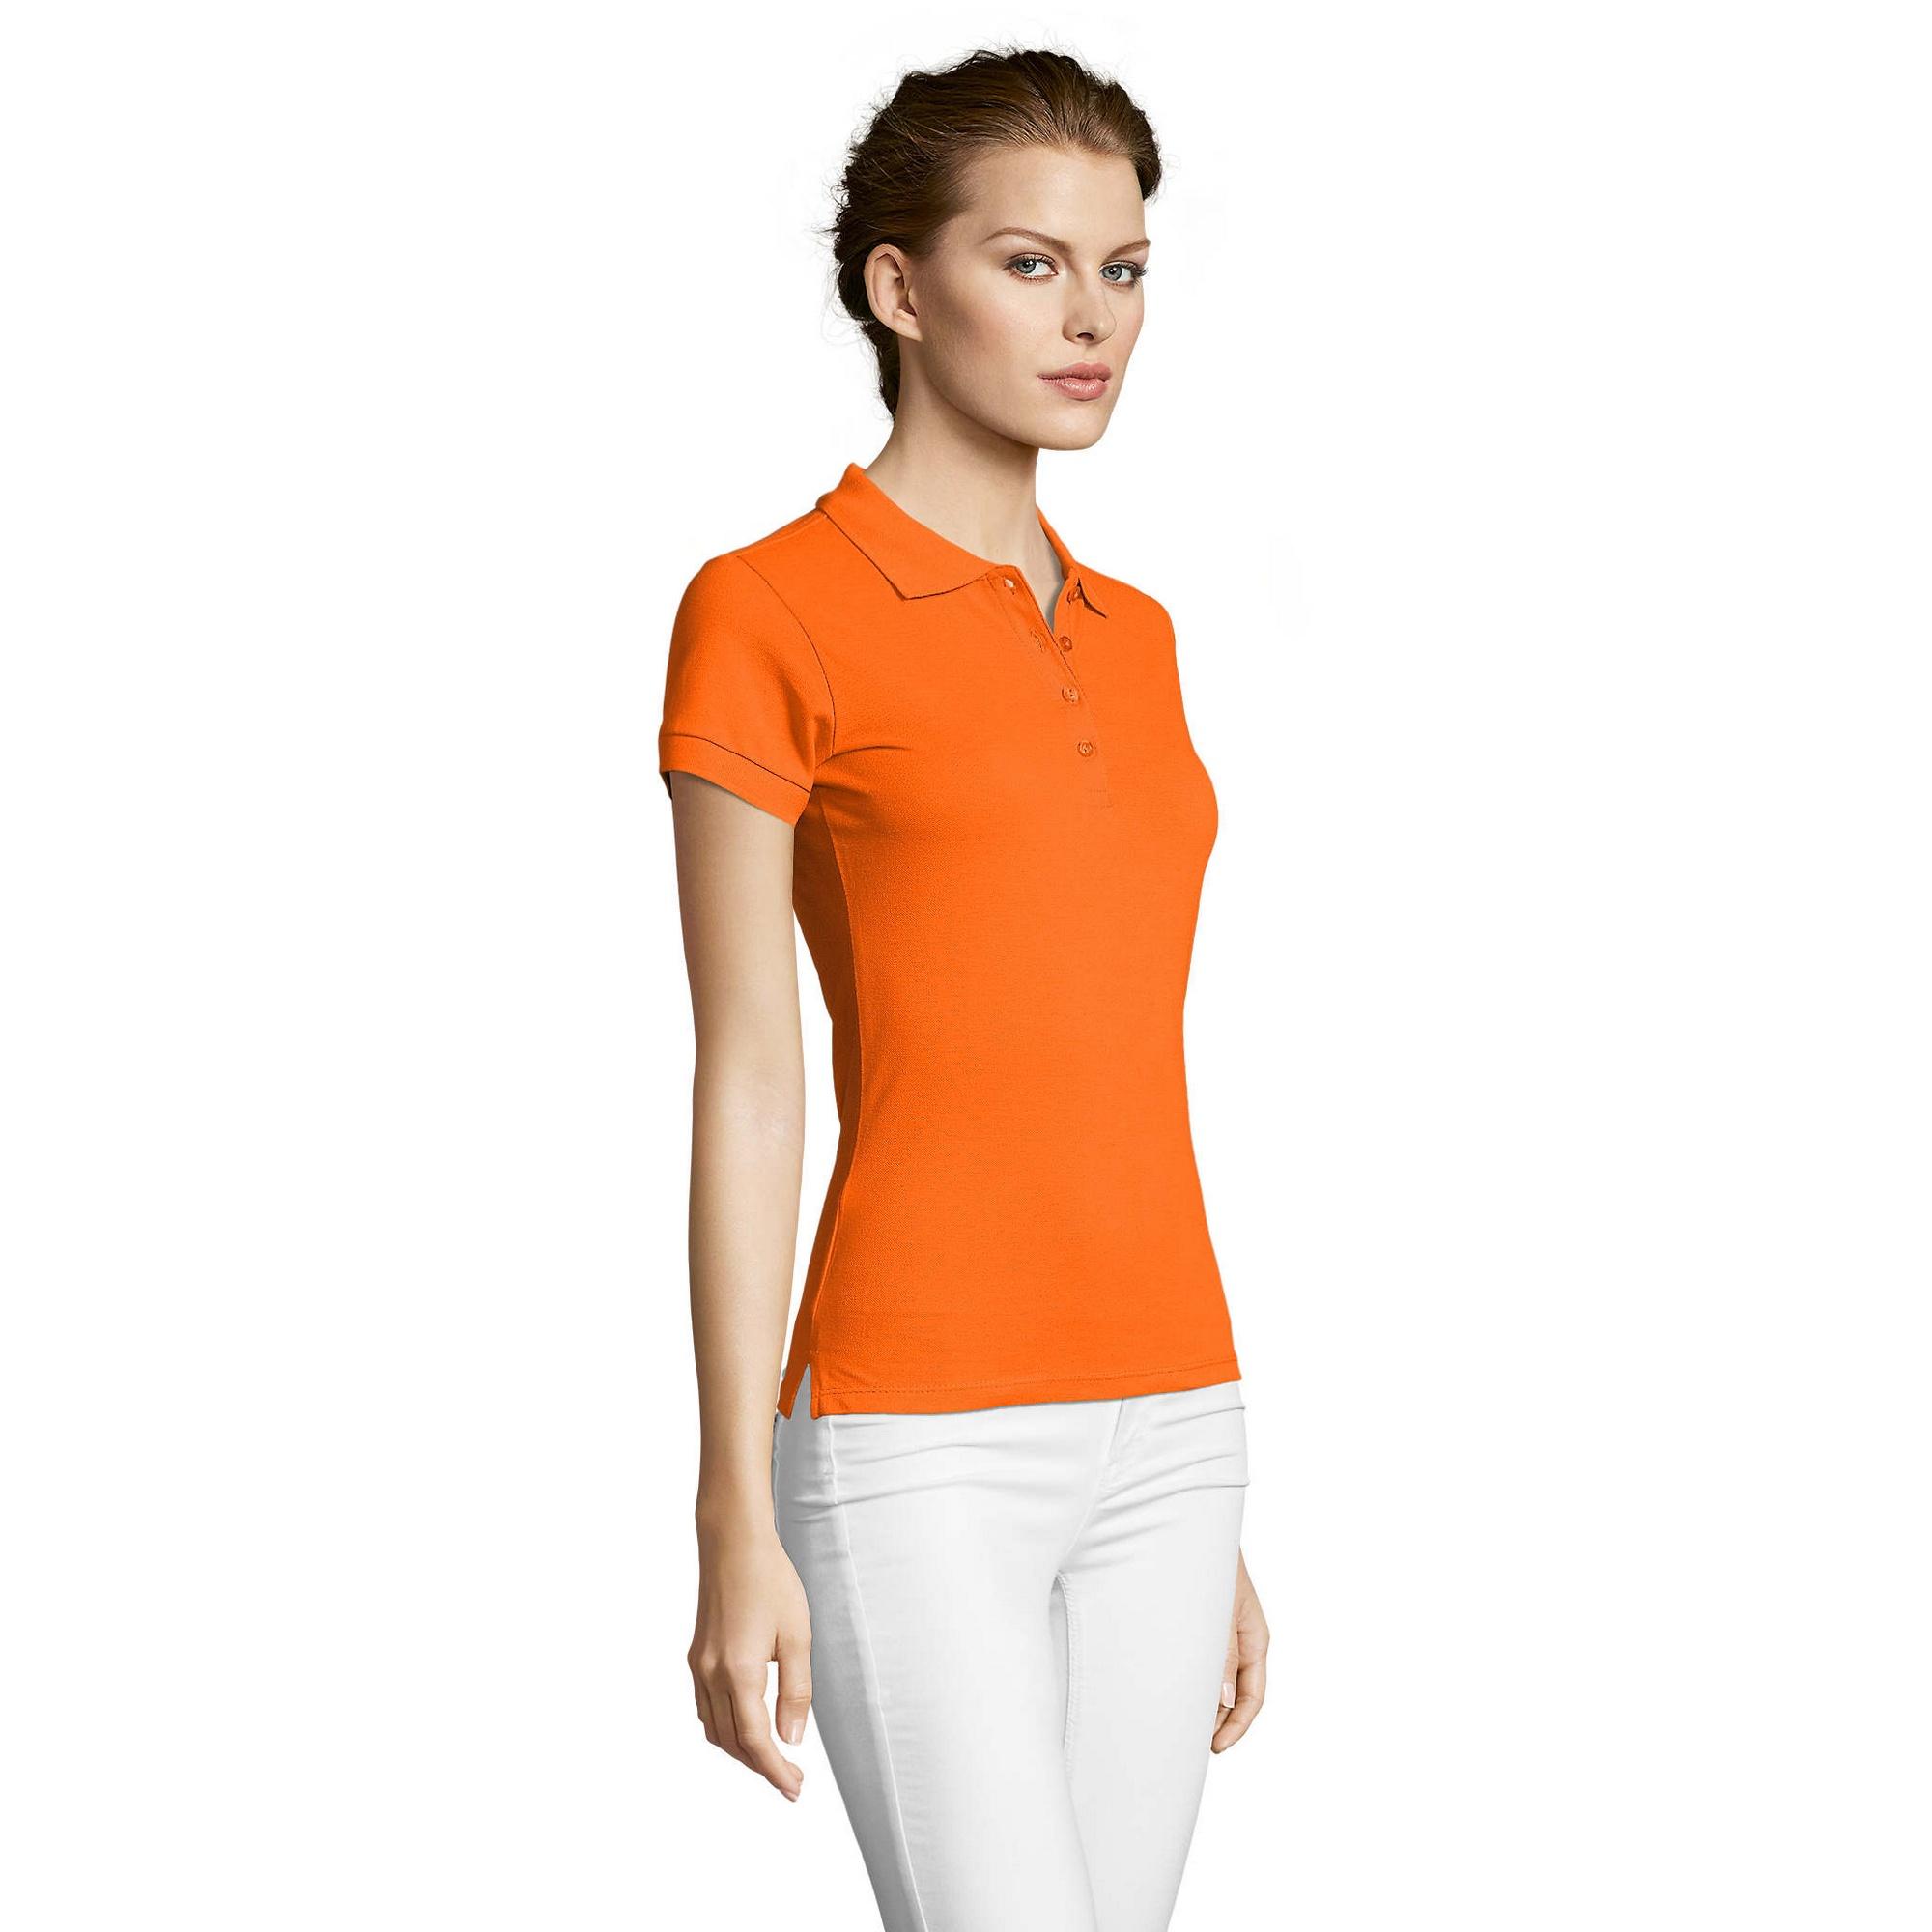 miniature 13 - SOLS-People-Polo-100-coton-a-manches-courtes-Femme-S-2XL-17-PC319